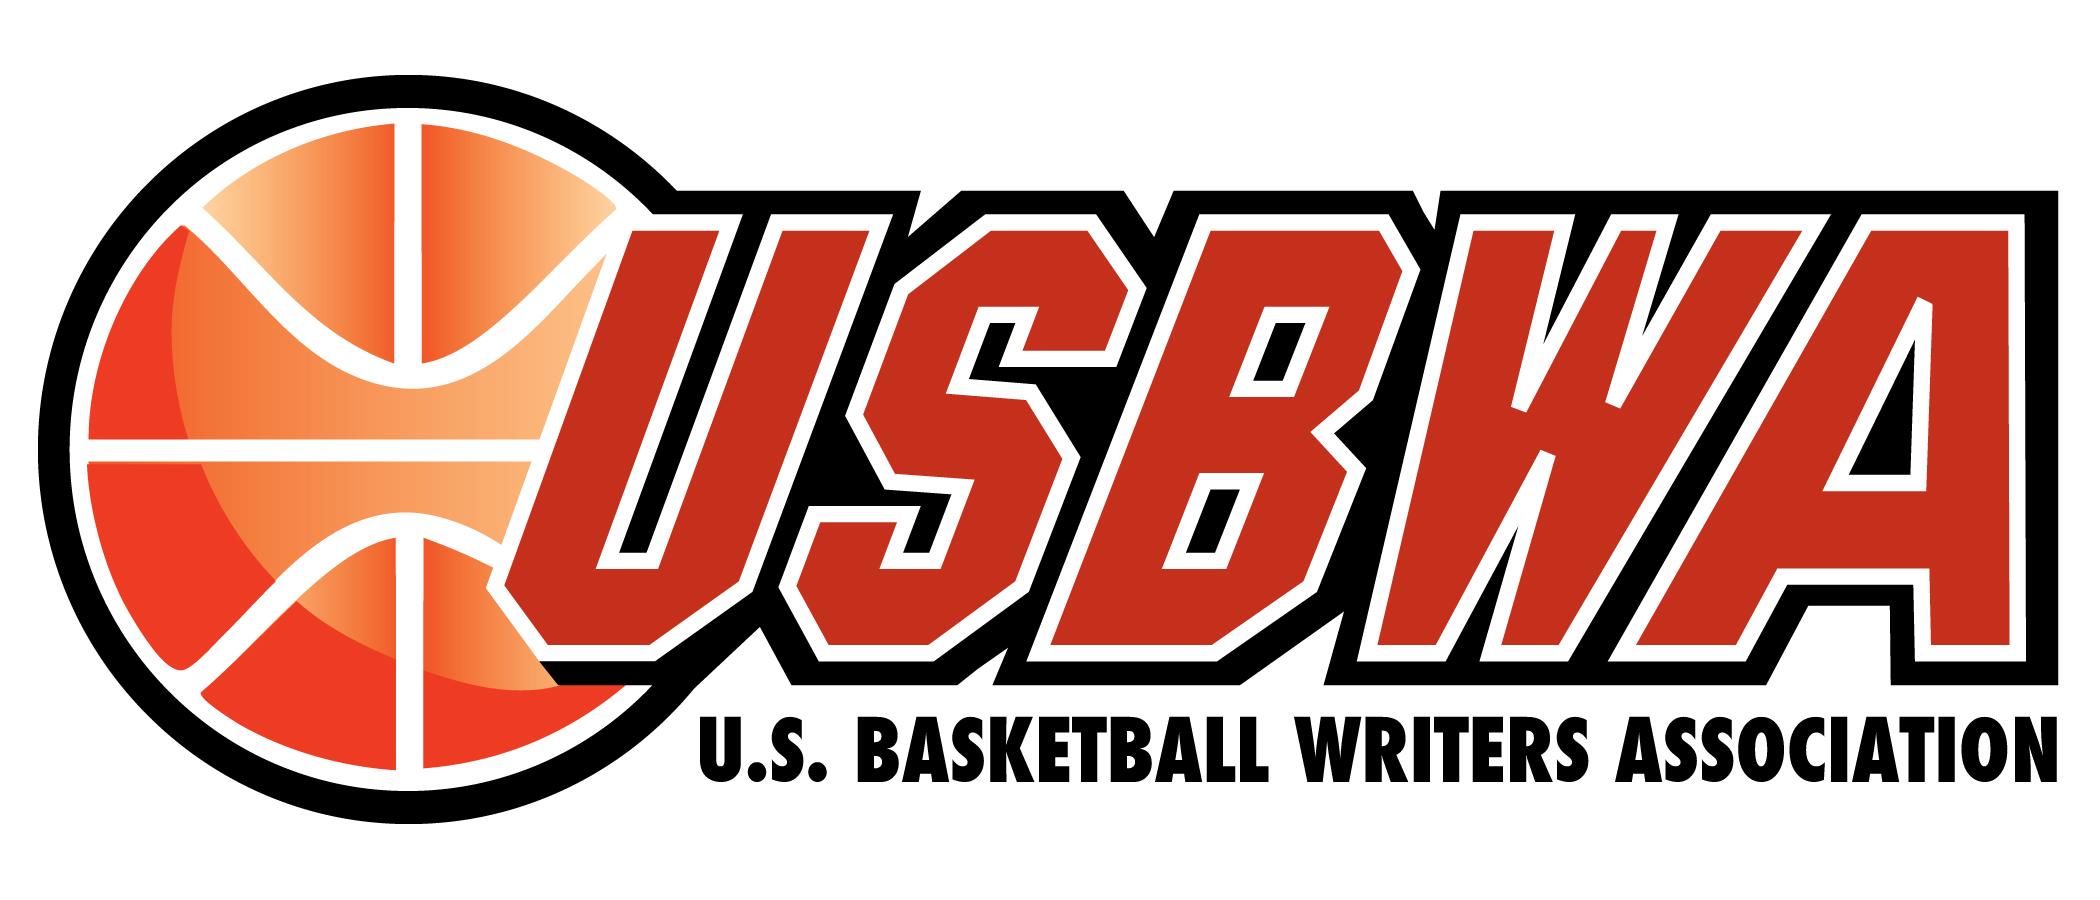 USBWA Logo